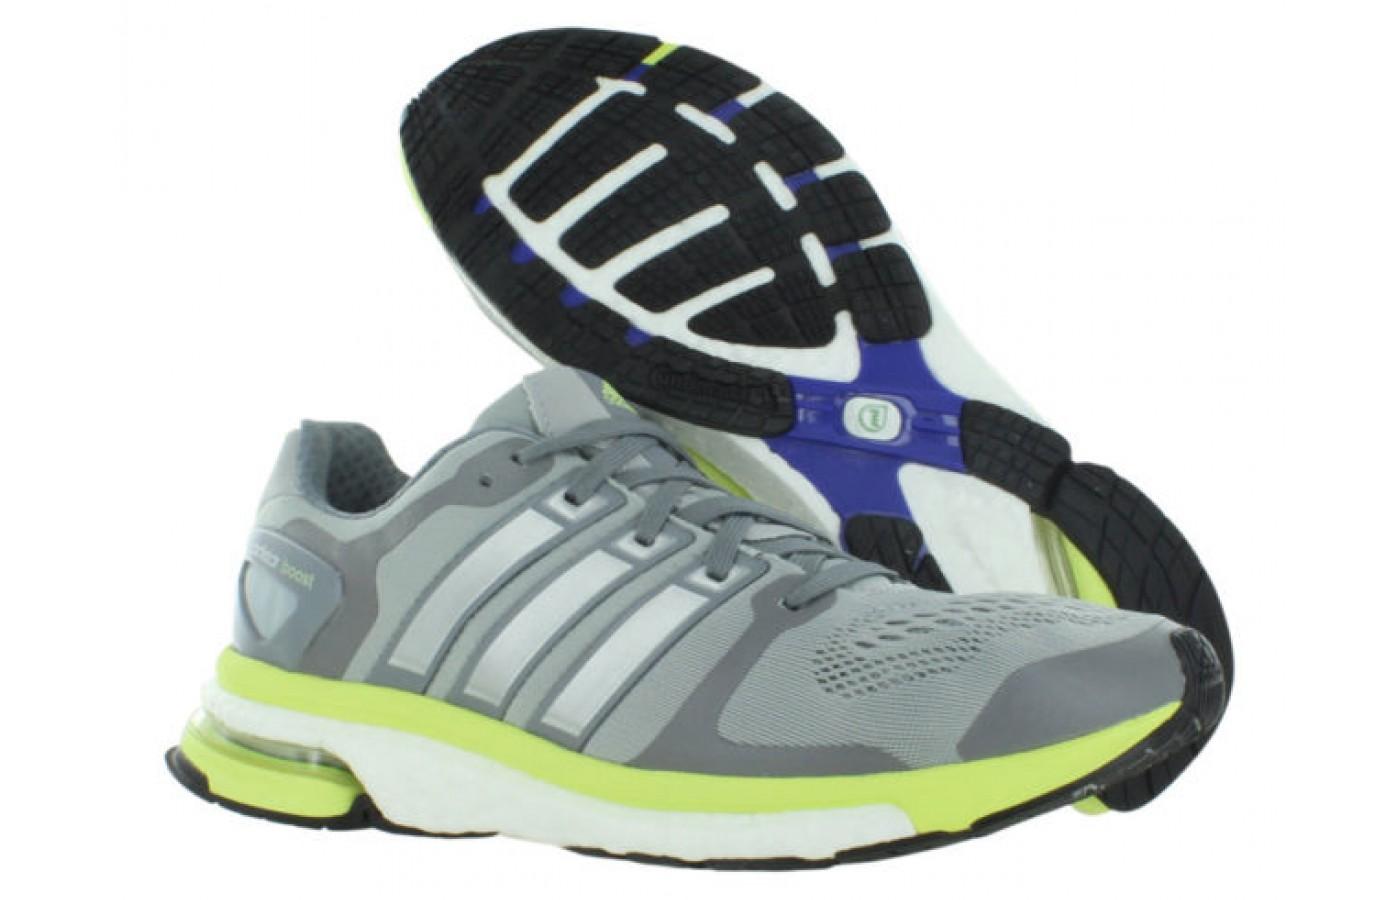 Adidas Adistar Boost ESM pair